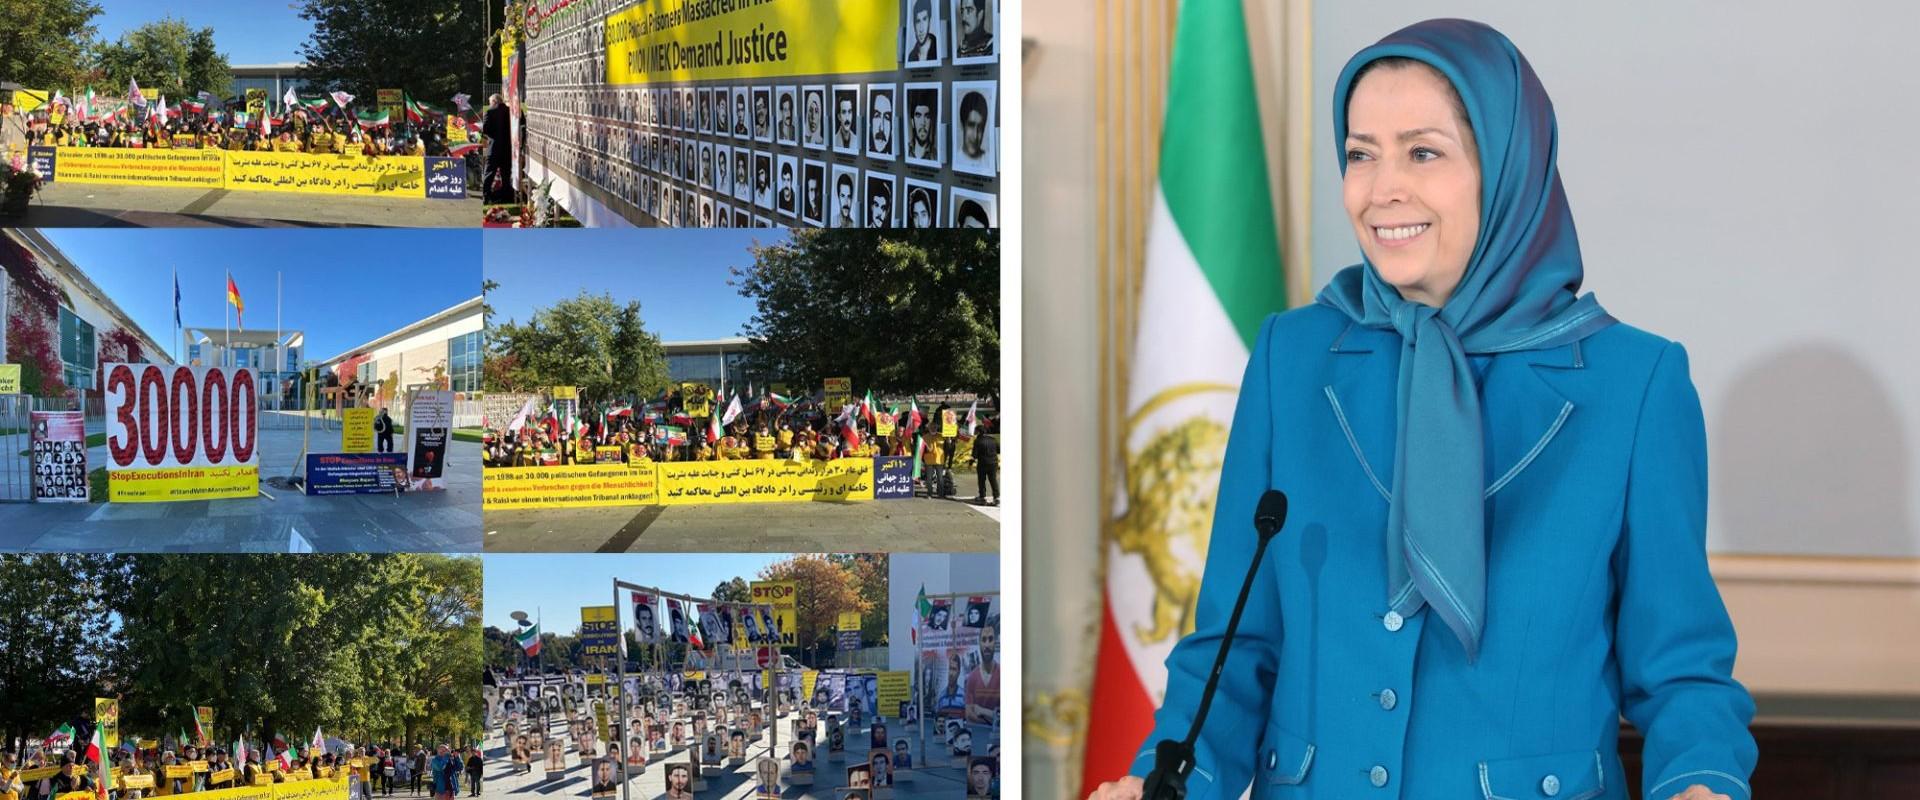 پیام مریم رجوی به مناسبت روز جهانی علیه مجازات اعدام